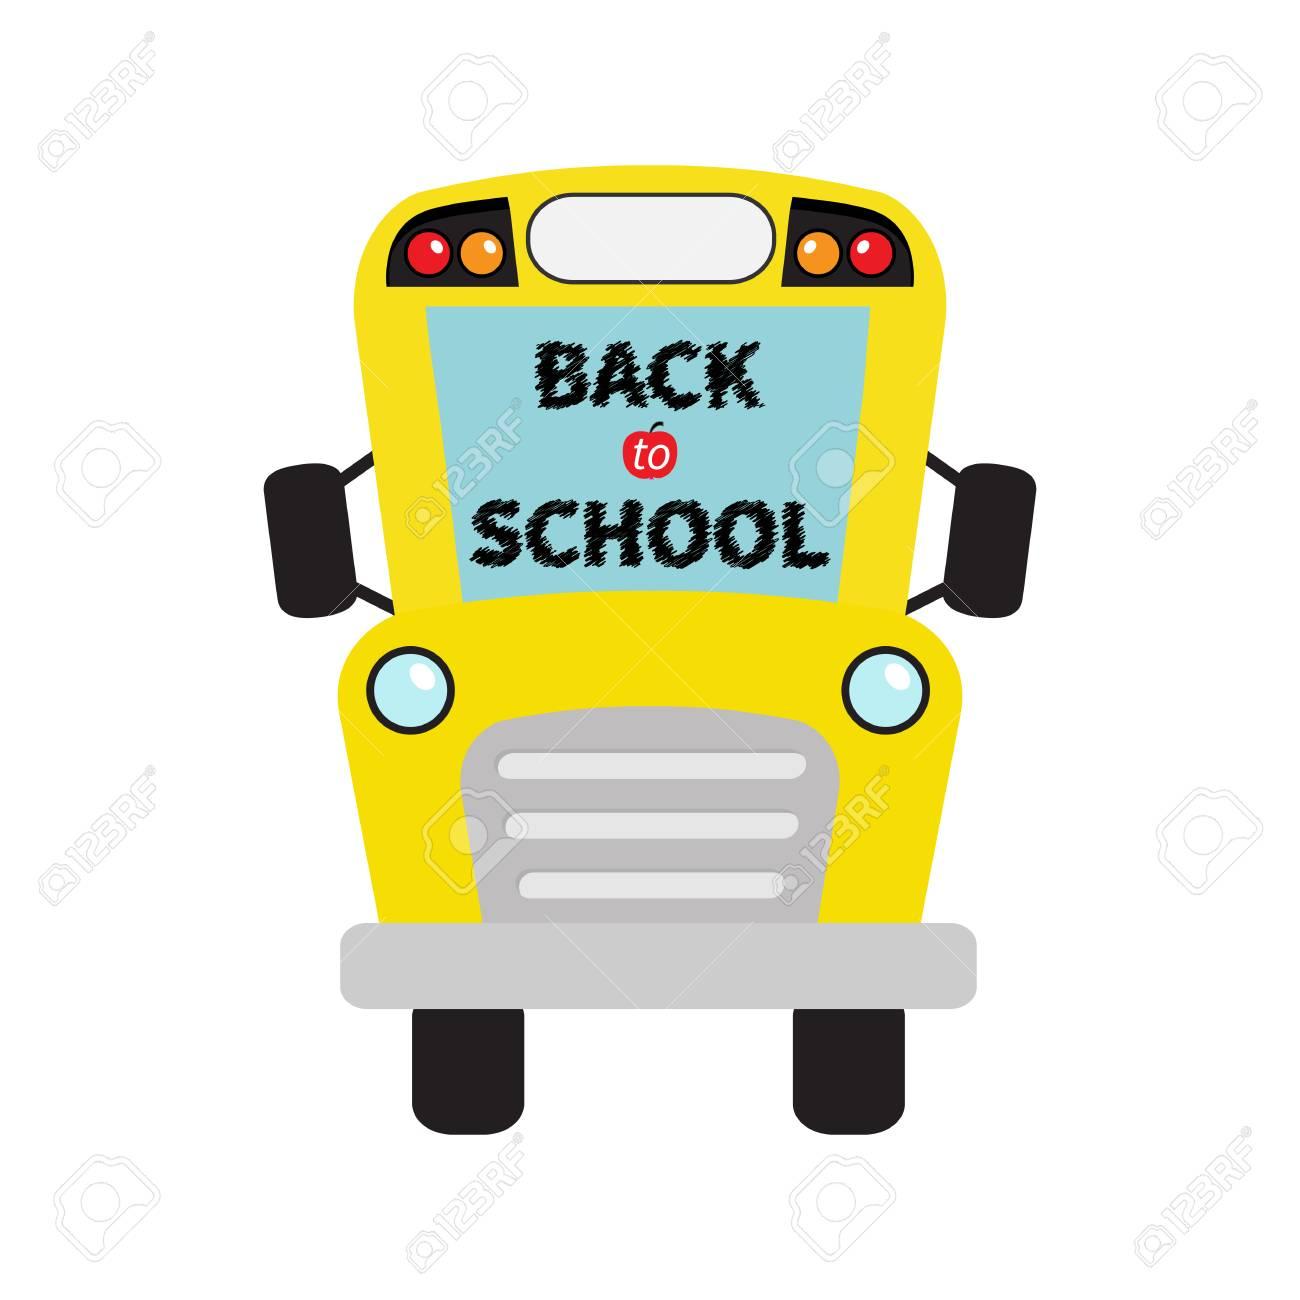 De vuelta a la escuela. Niños del autobús escolar amarillo. Dibujos  animados clipart. Transporte. Colección de bebé Vista de la cara completa.